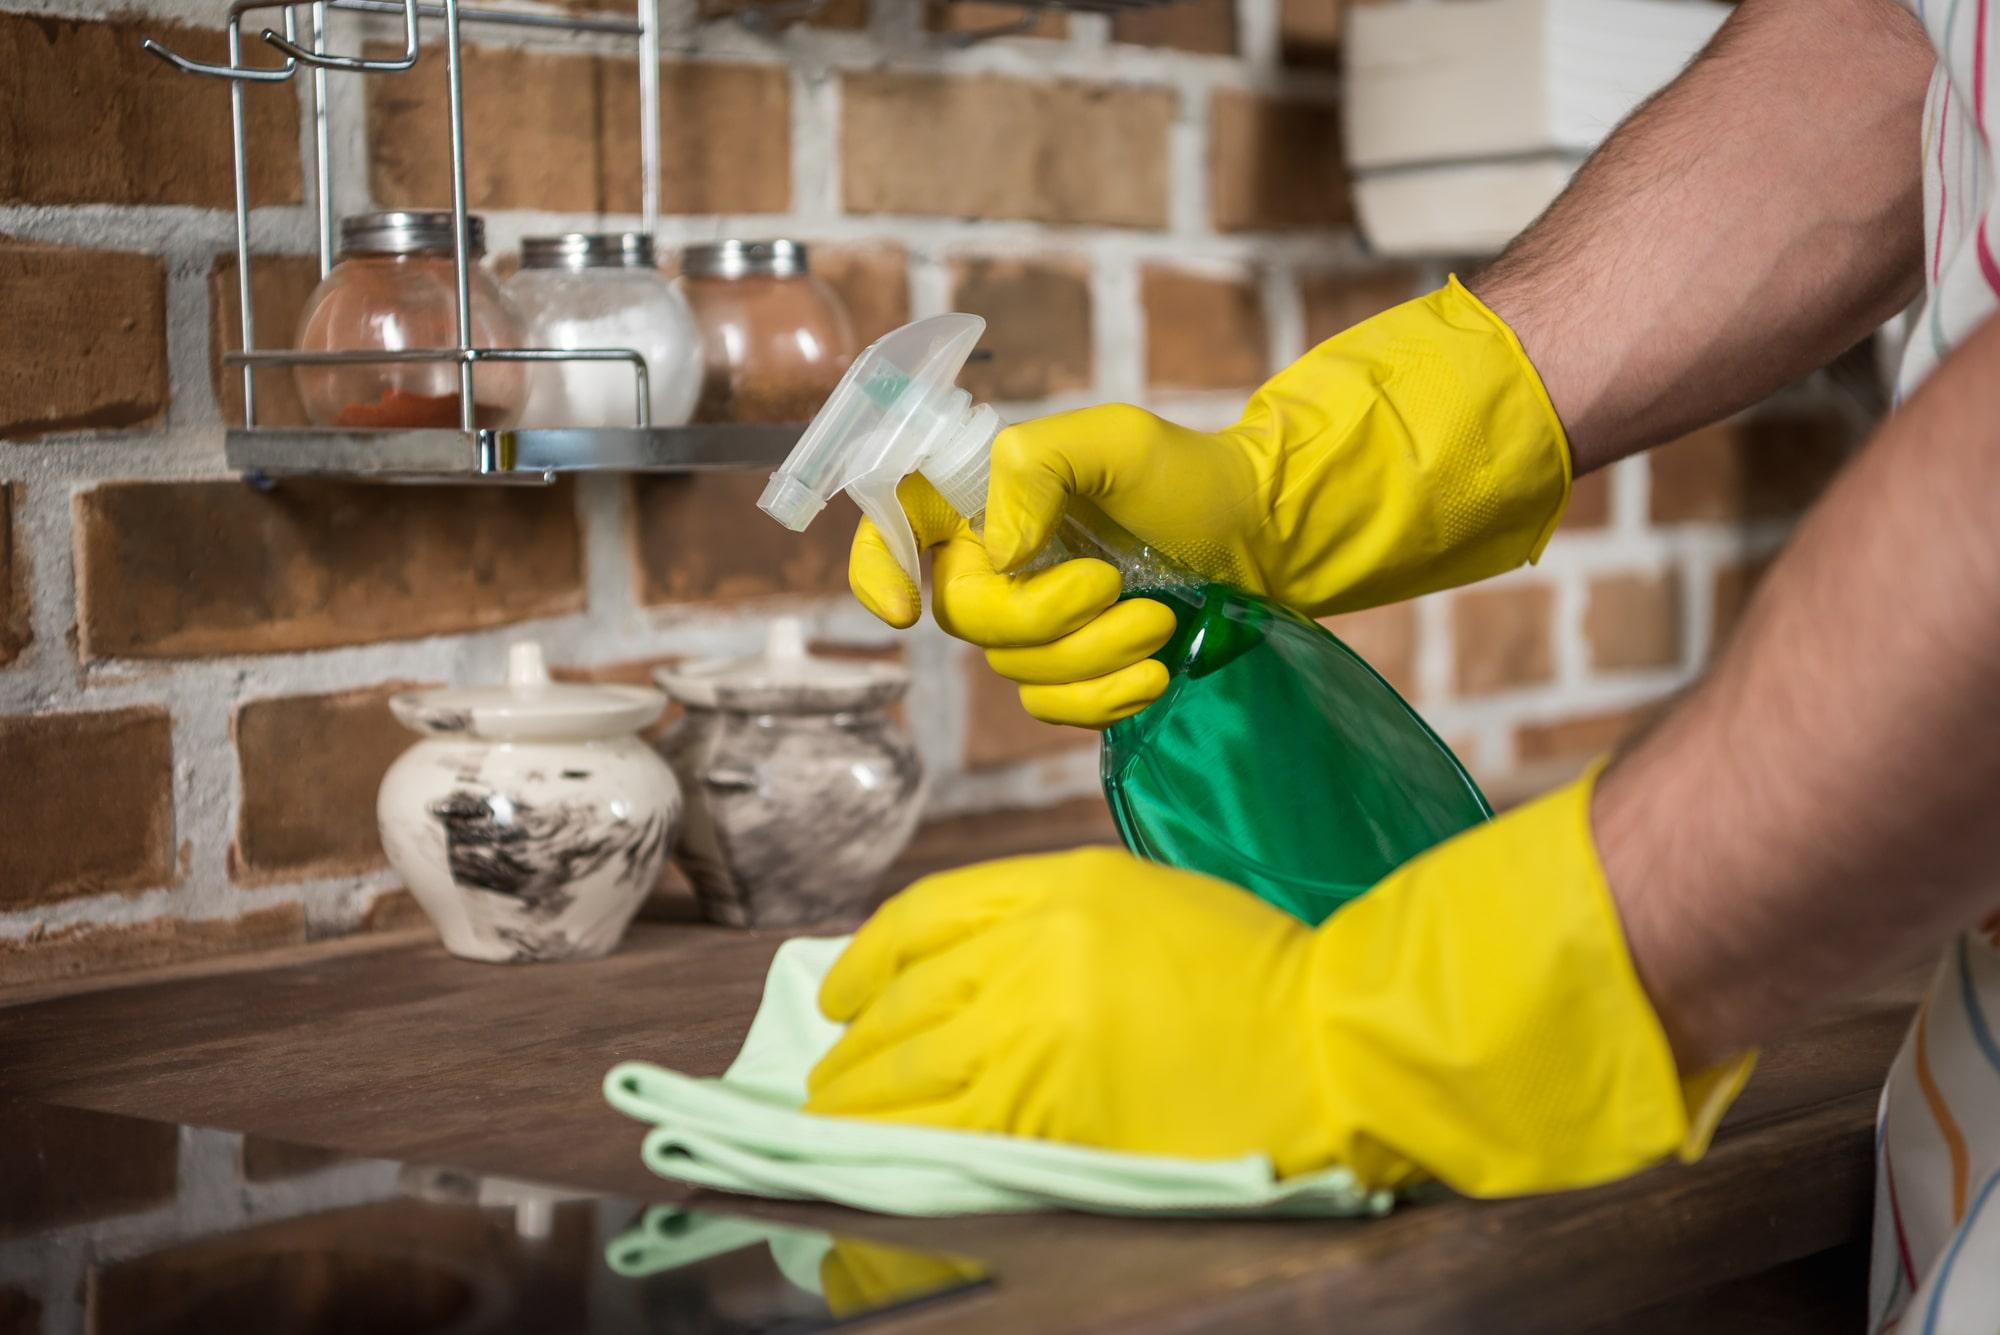 Küche Ordnung 5 Tipps Vorschau